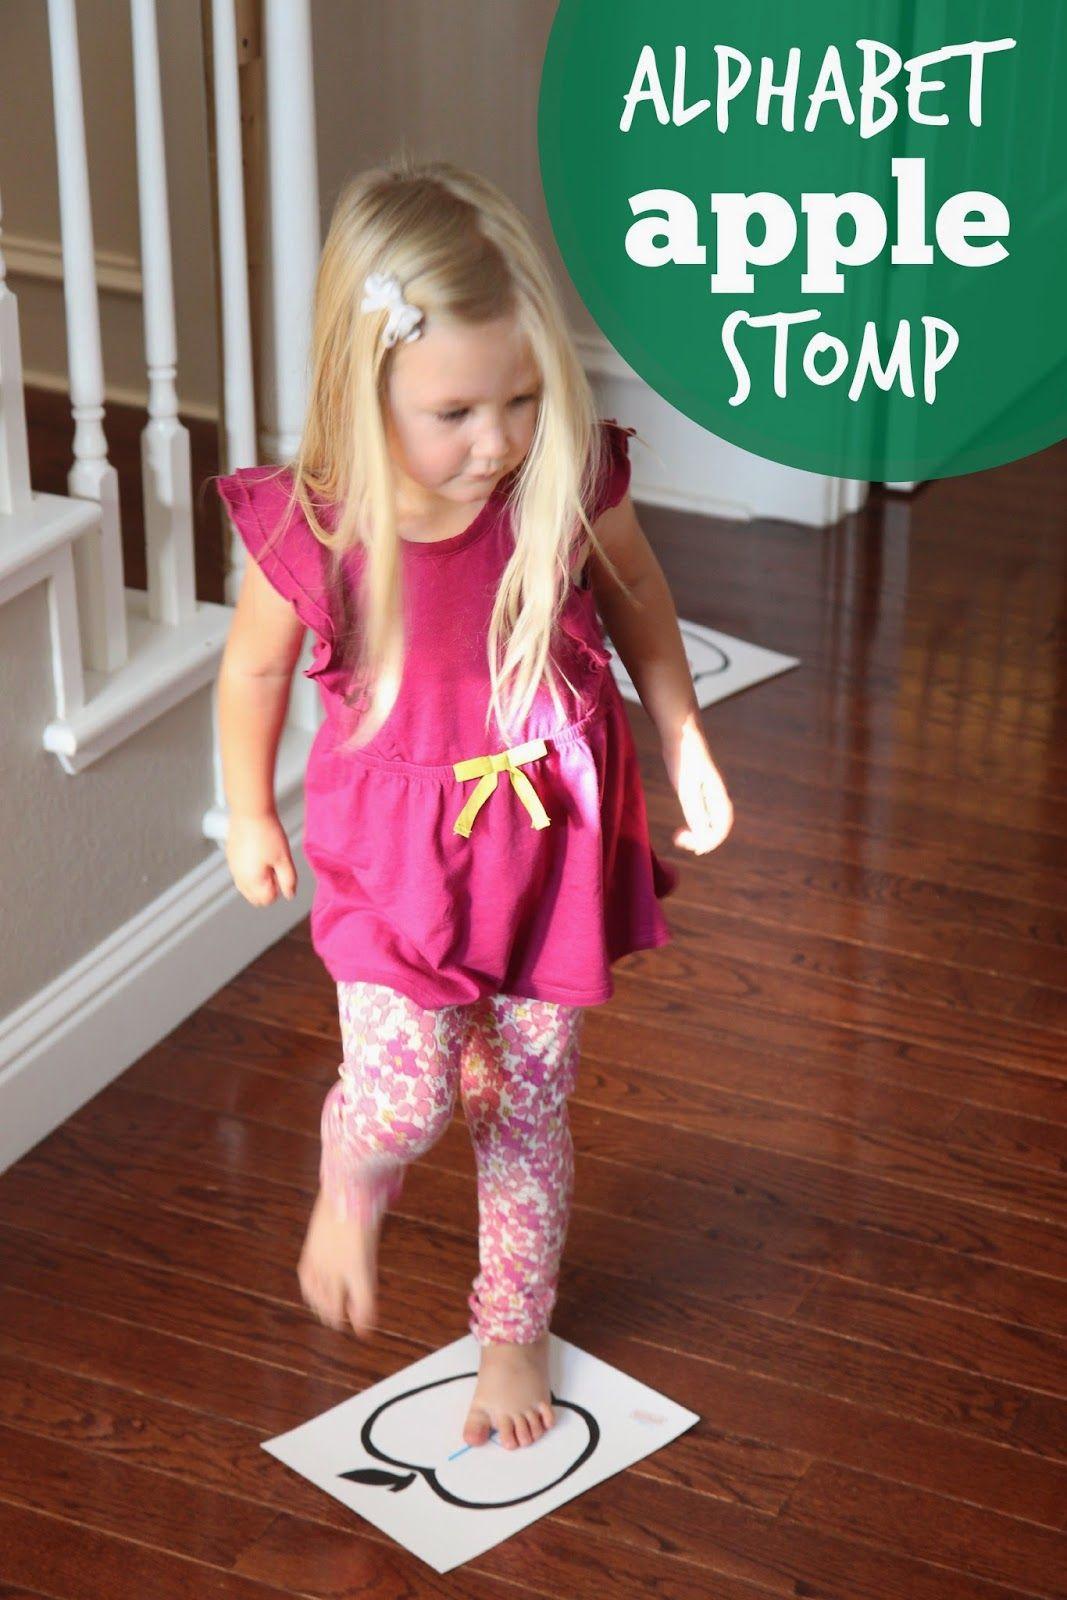 Alphabet Apple Stomp Game For Kids